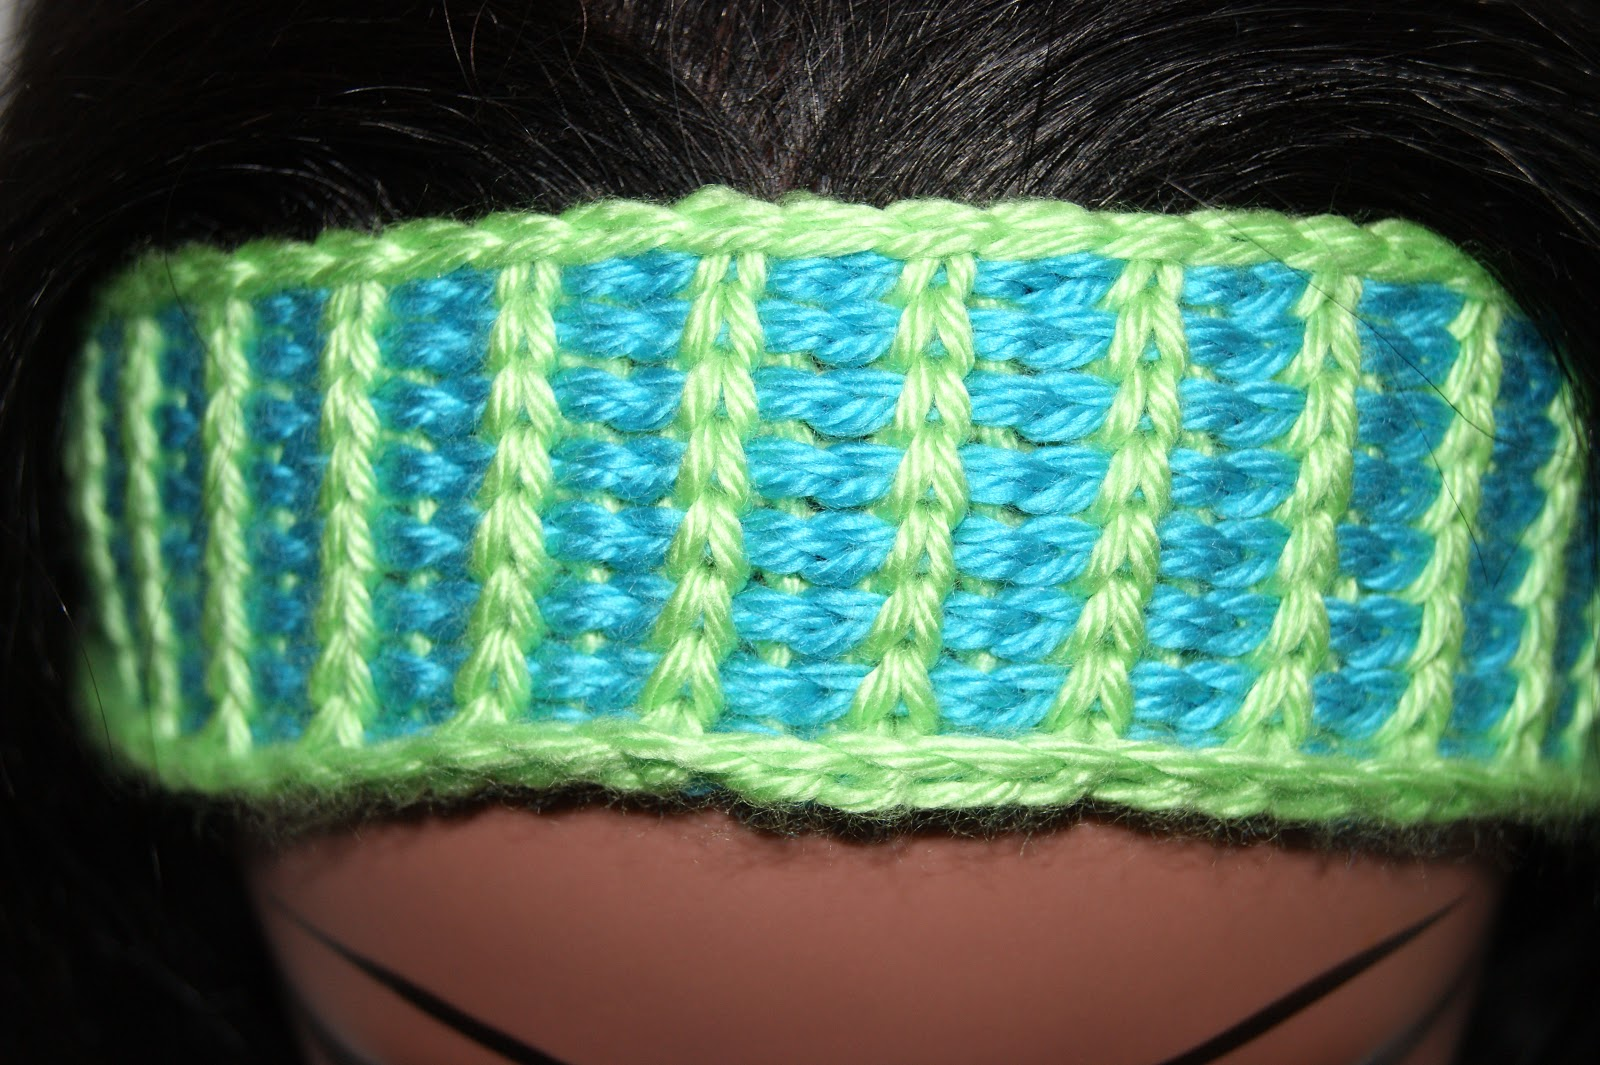 Tunisian Knit Stitch Headband Pattern : Mixin it up with DaPerfectMix: Tunisian Headbands